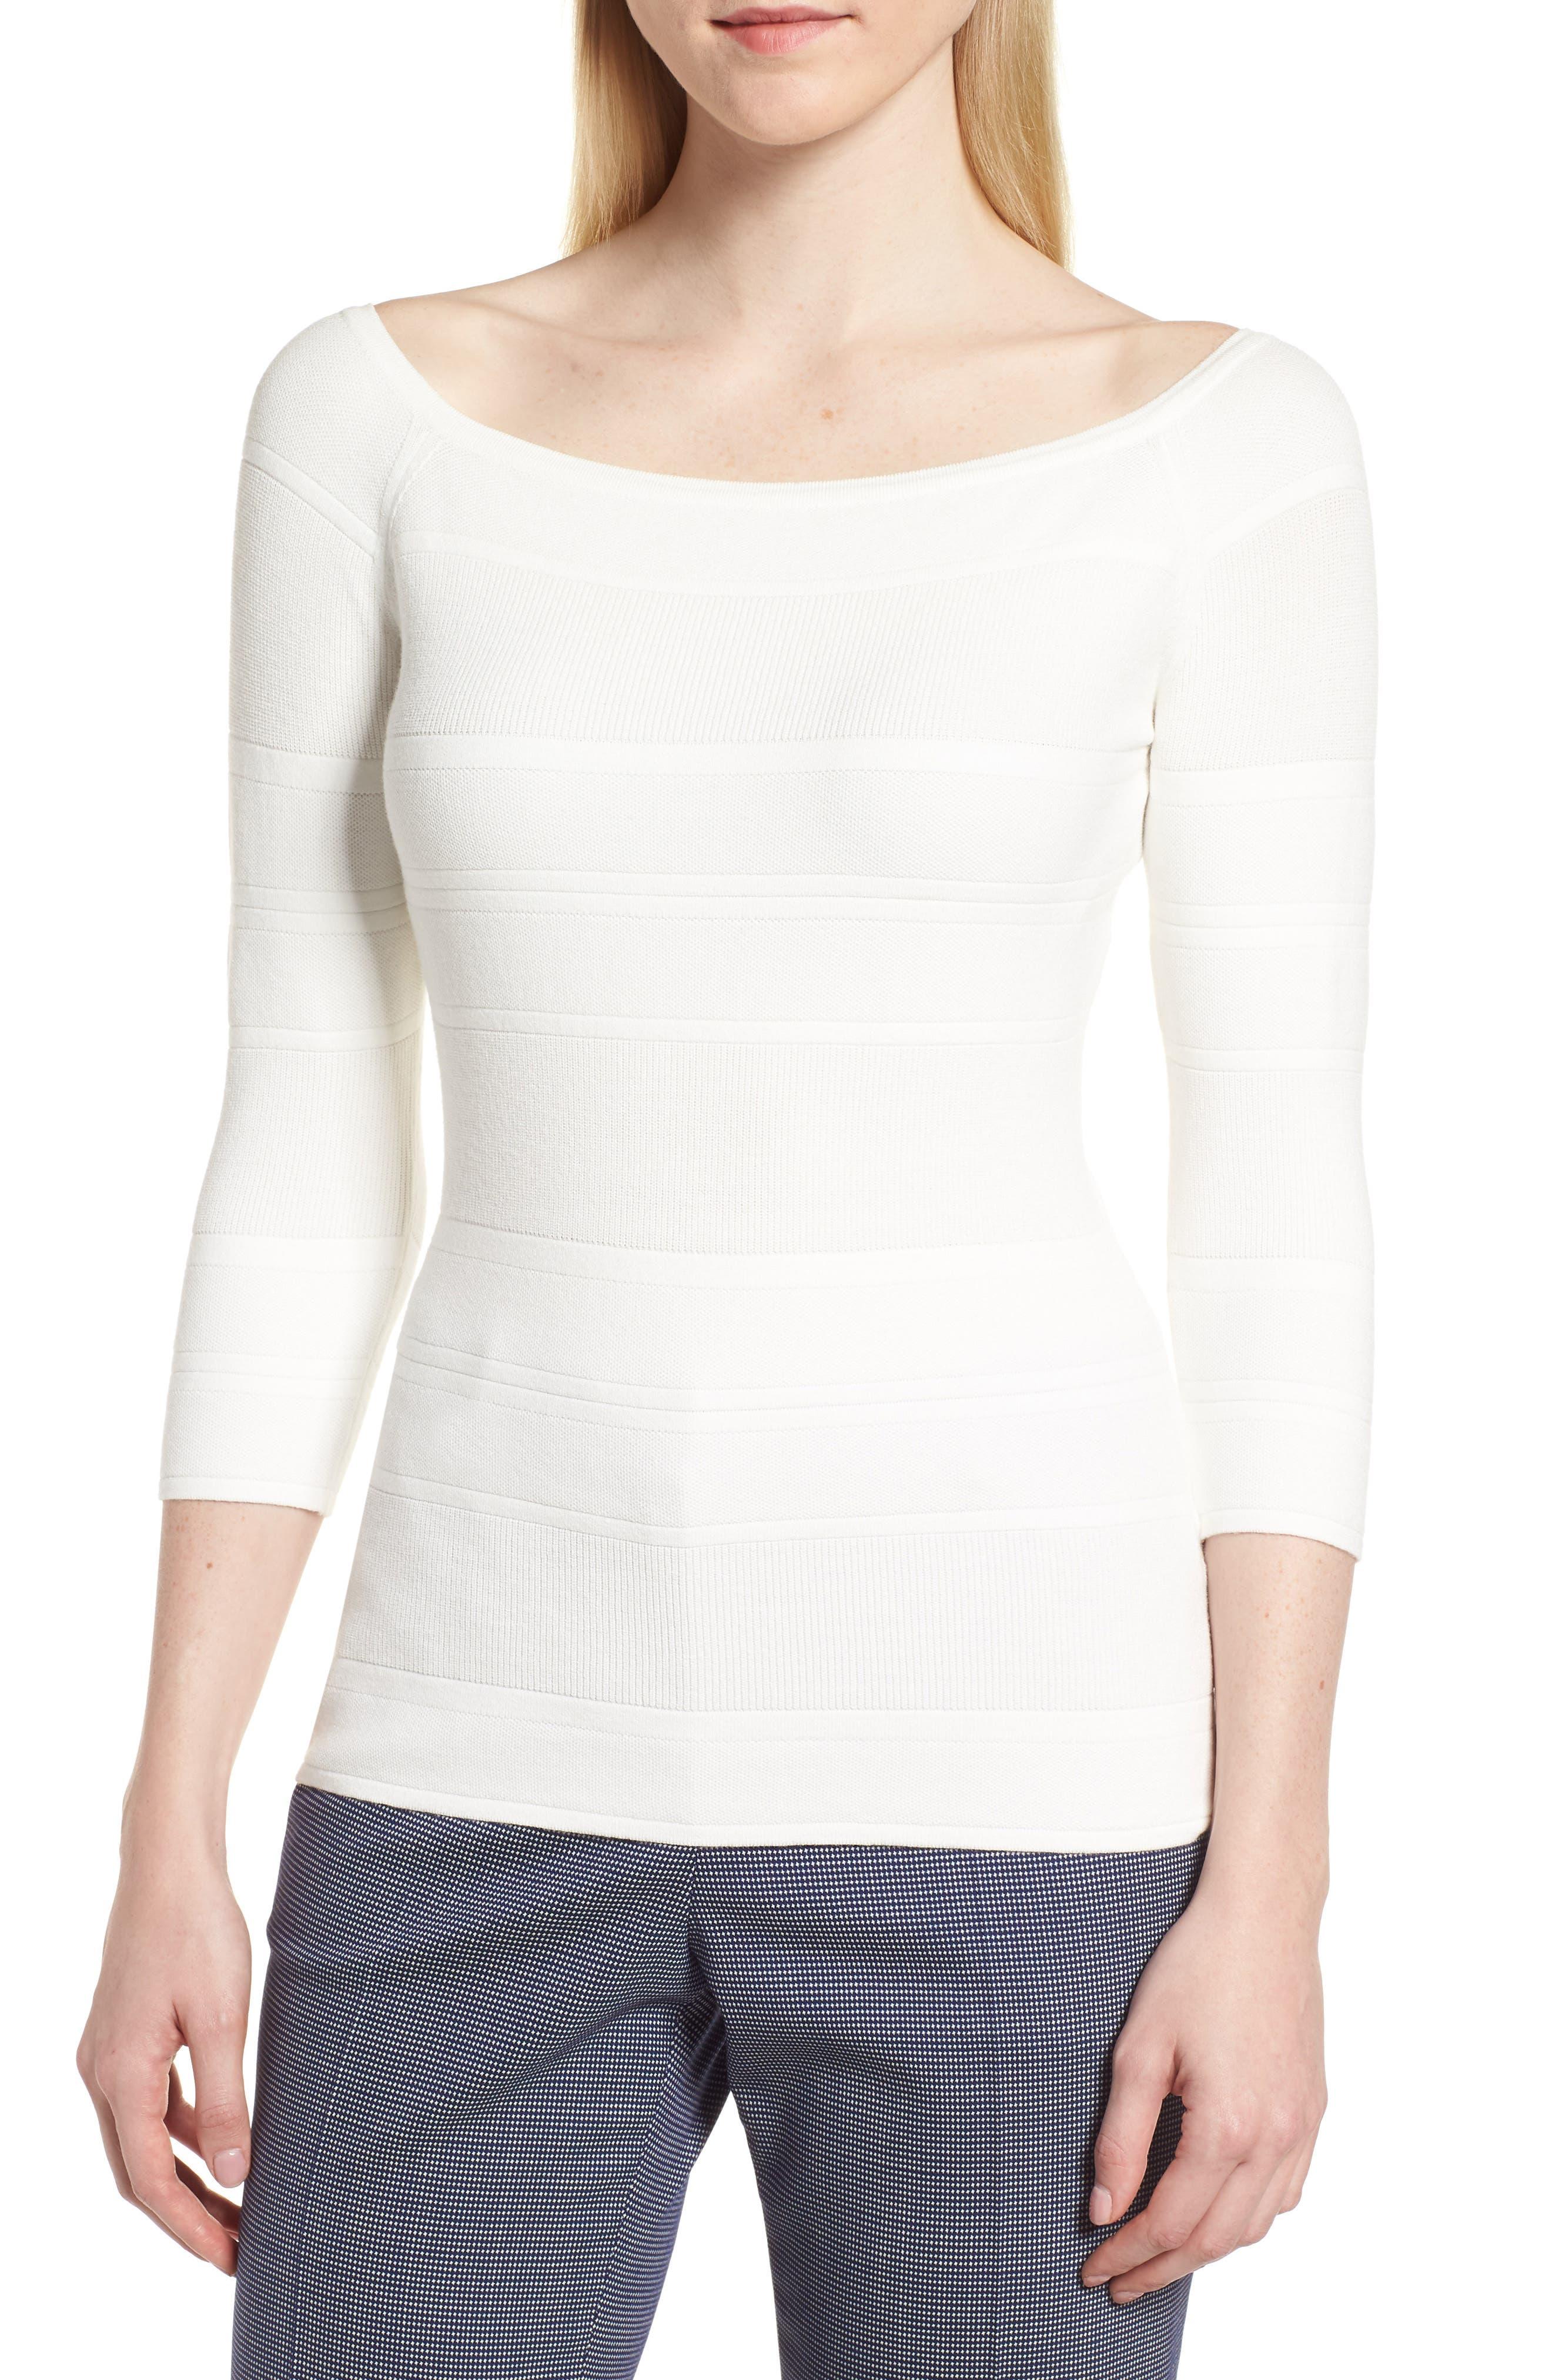 Finami Sweater,                         Main,                         color, White